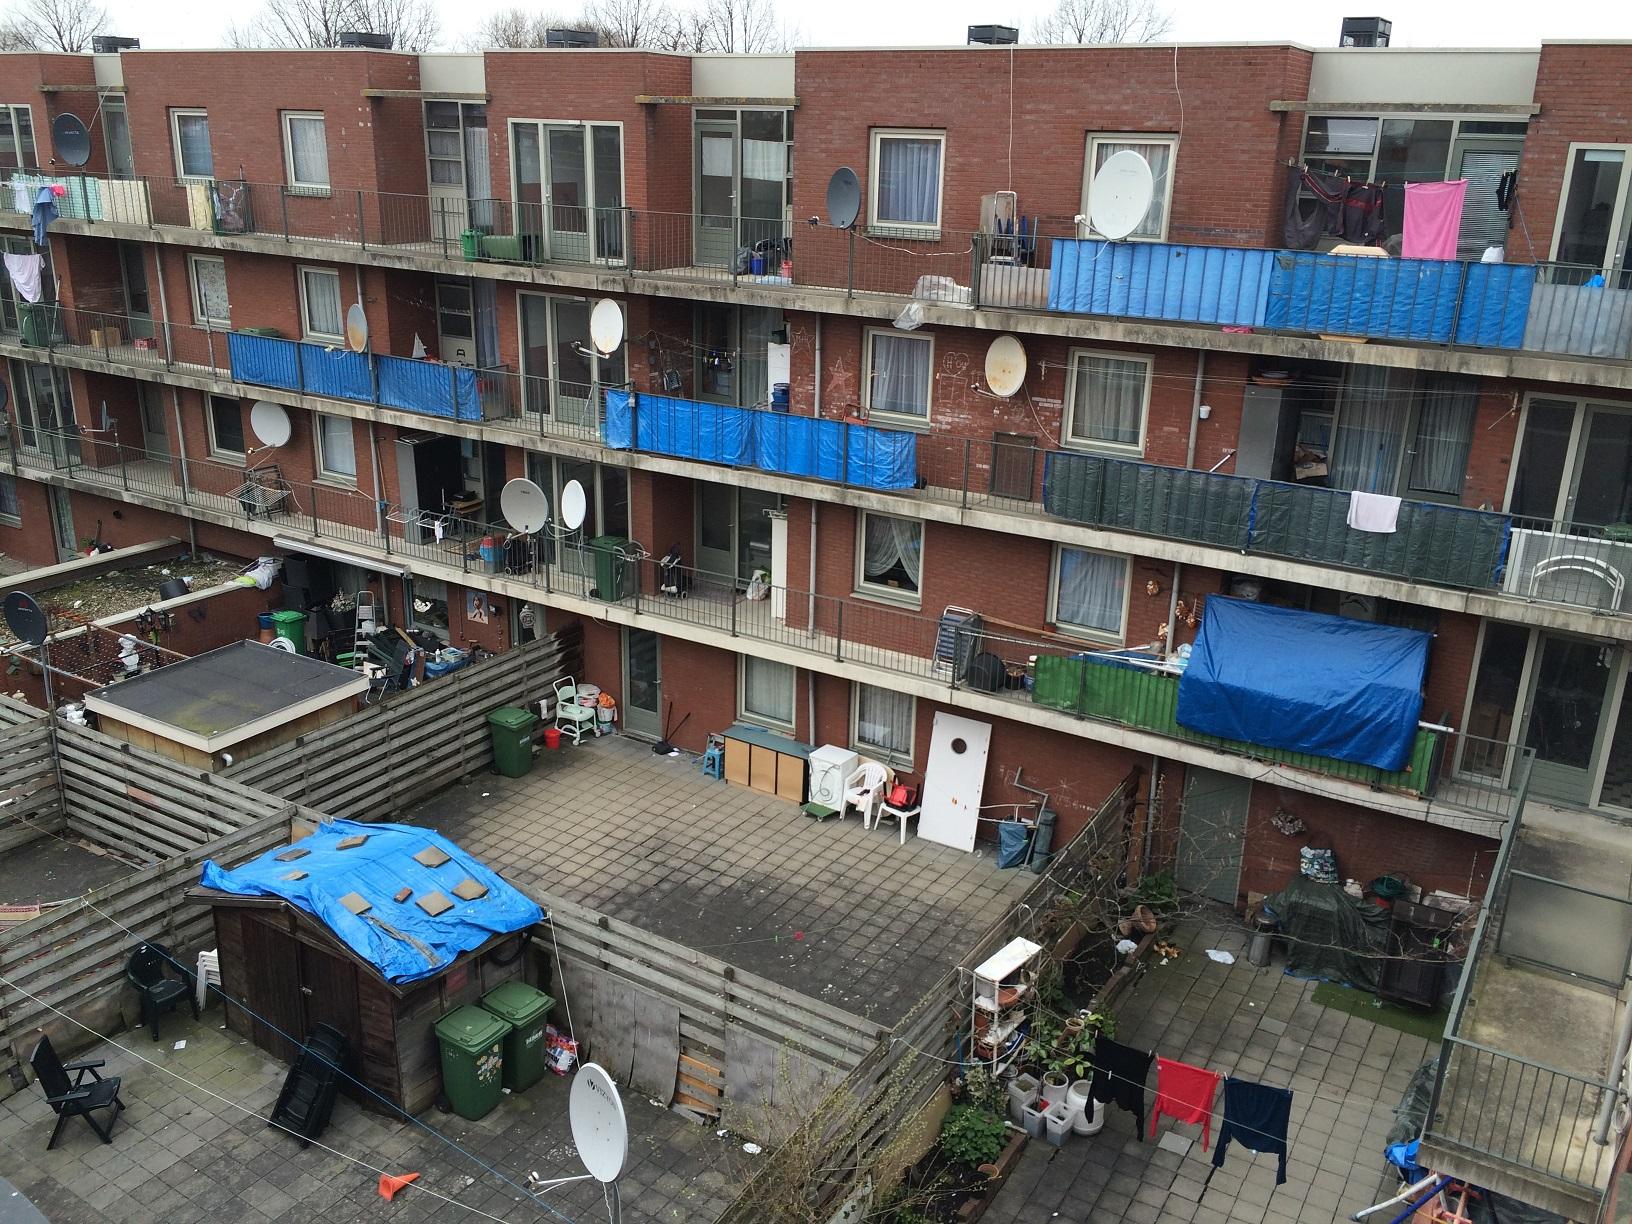 File:Netherlands, The Hague (Den Haag), 's-Gravenzandelaan ...